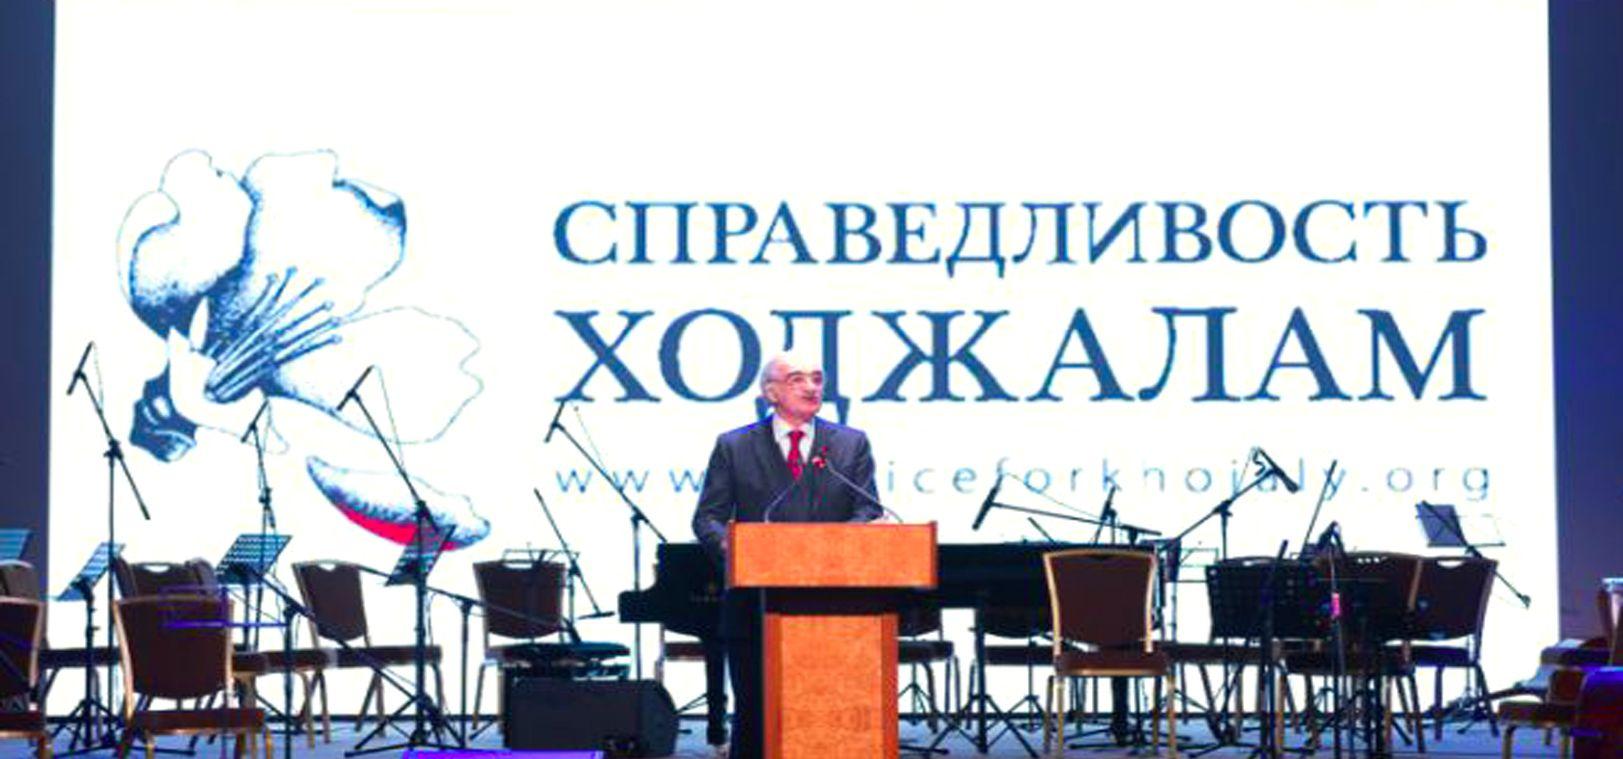 Azeri Sahar Tv |  В Москве прошел вечер памяти жертв Ходжалинского геноцида |